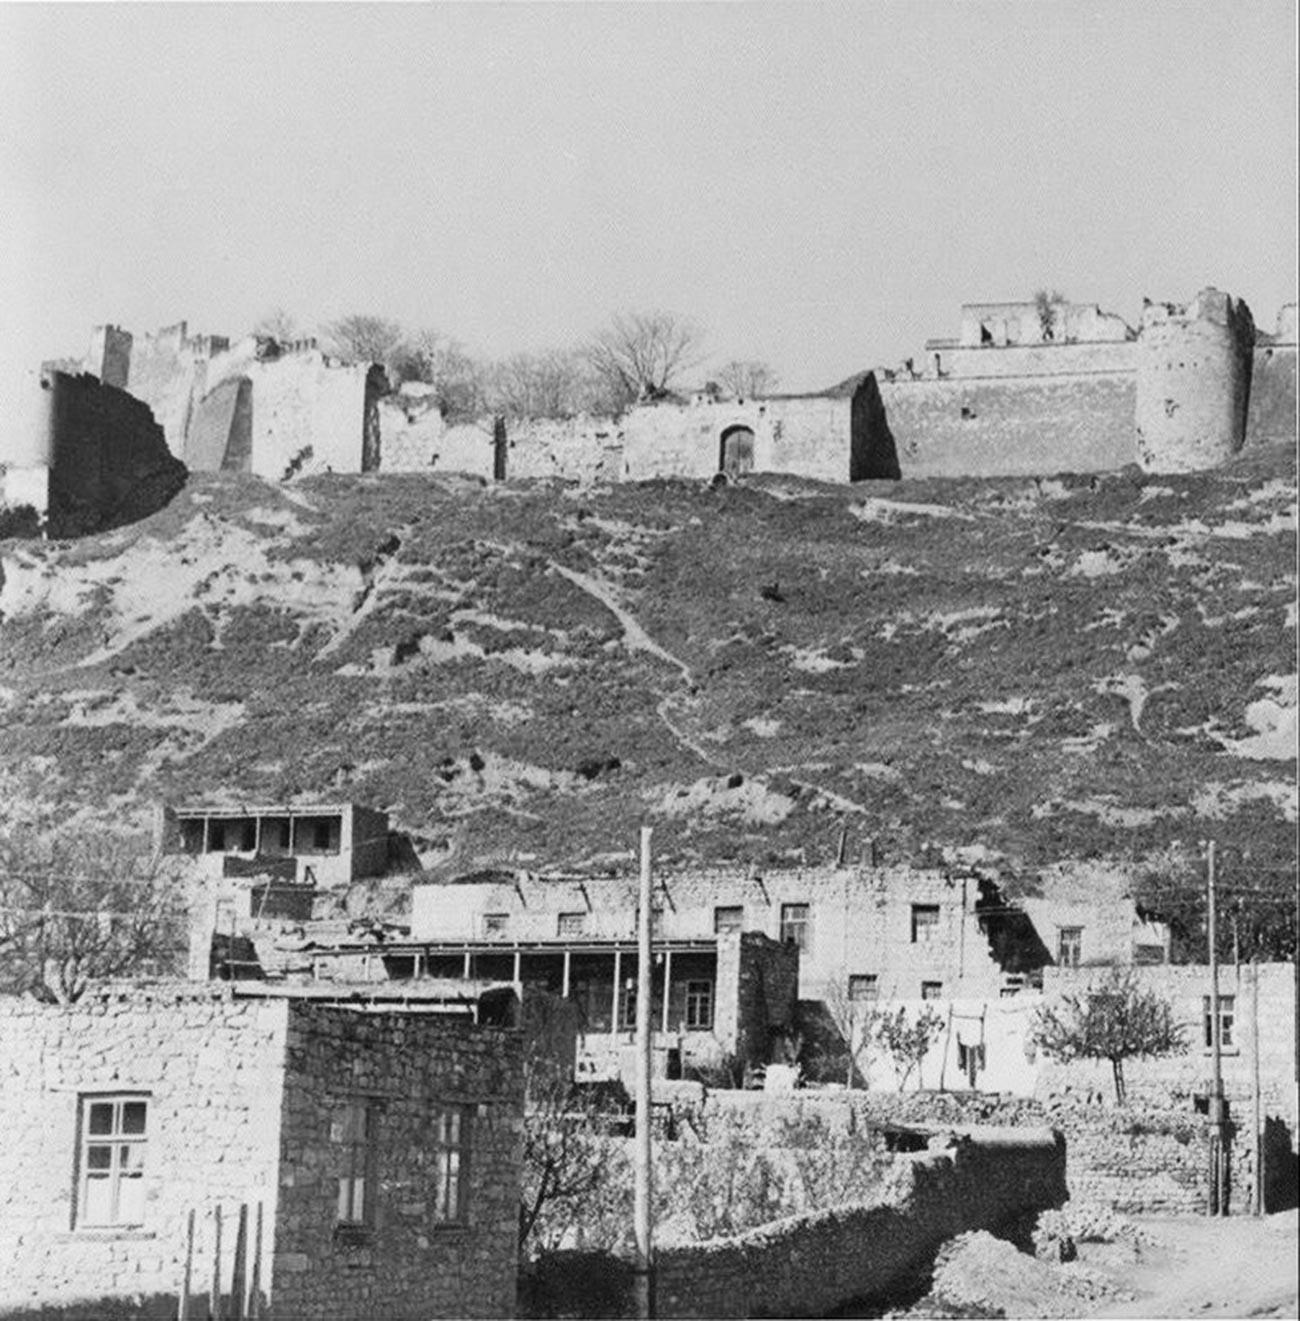 Au VIIe siècle, les Arabes musulmans ont apporté leur propre religion à Derbent et l'islam prédomine aujourd'hui tant dans la cité que dans l'actuelle République du Daghestan tout entière. Au début du VIIIe siècle, Derbent est devenue le principal point d'appui local du Califat caucasien.